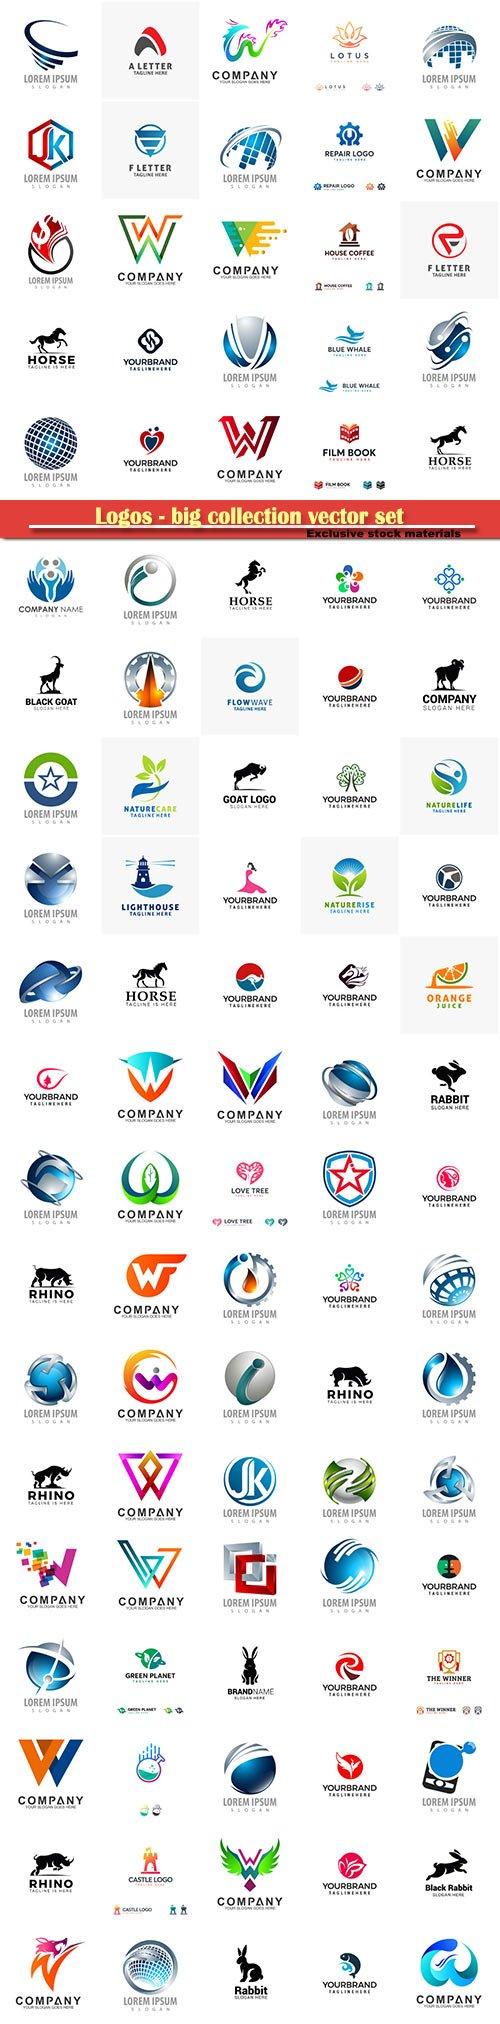 Logos - big collection vector set # 4